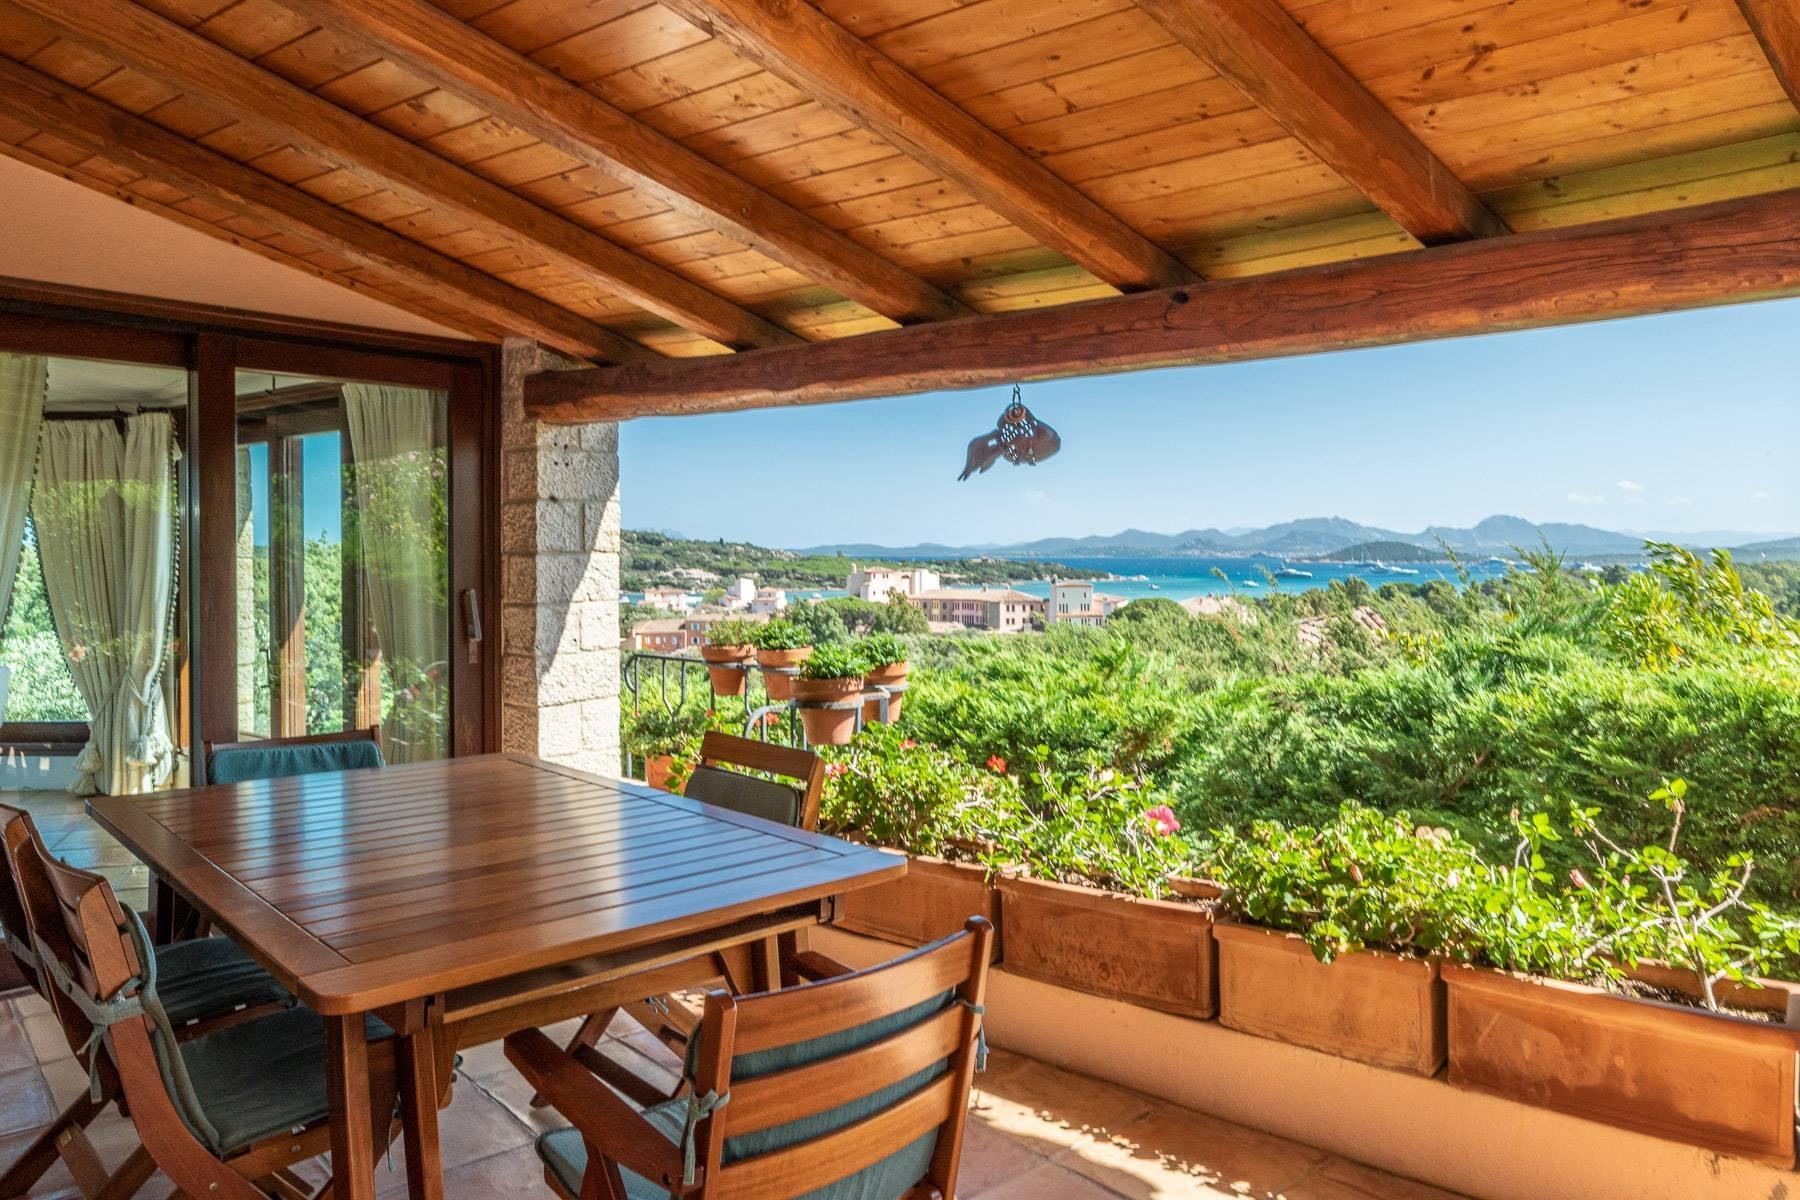 Bellissima villa indipendente con piscina a pochi passi dal Golf Club e Cala di Volpe - 11